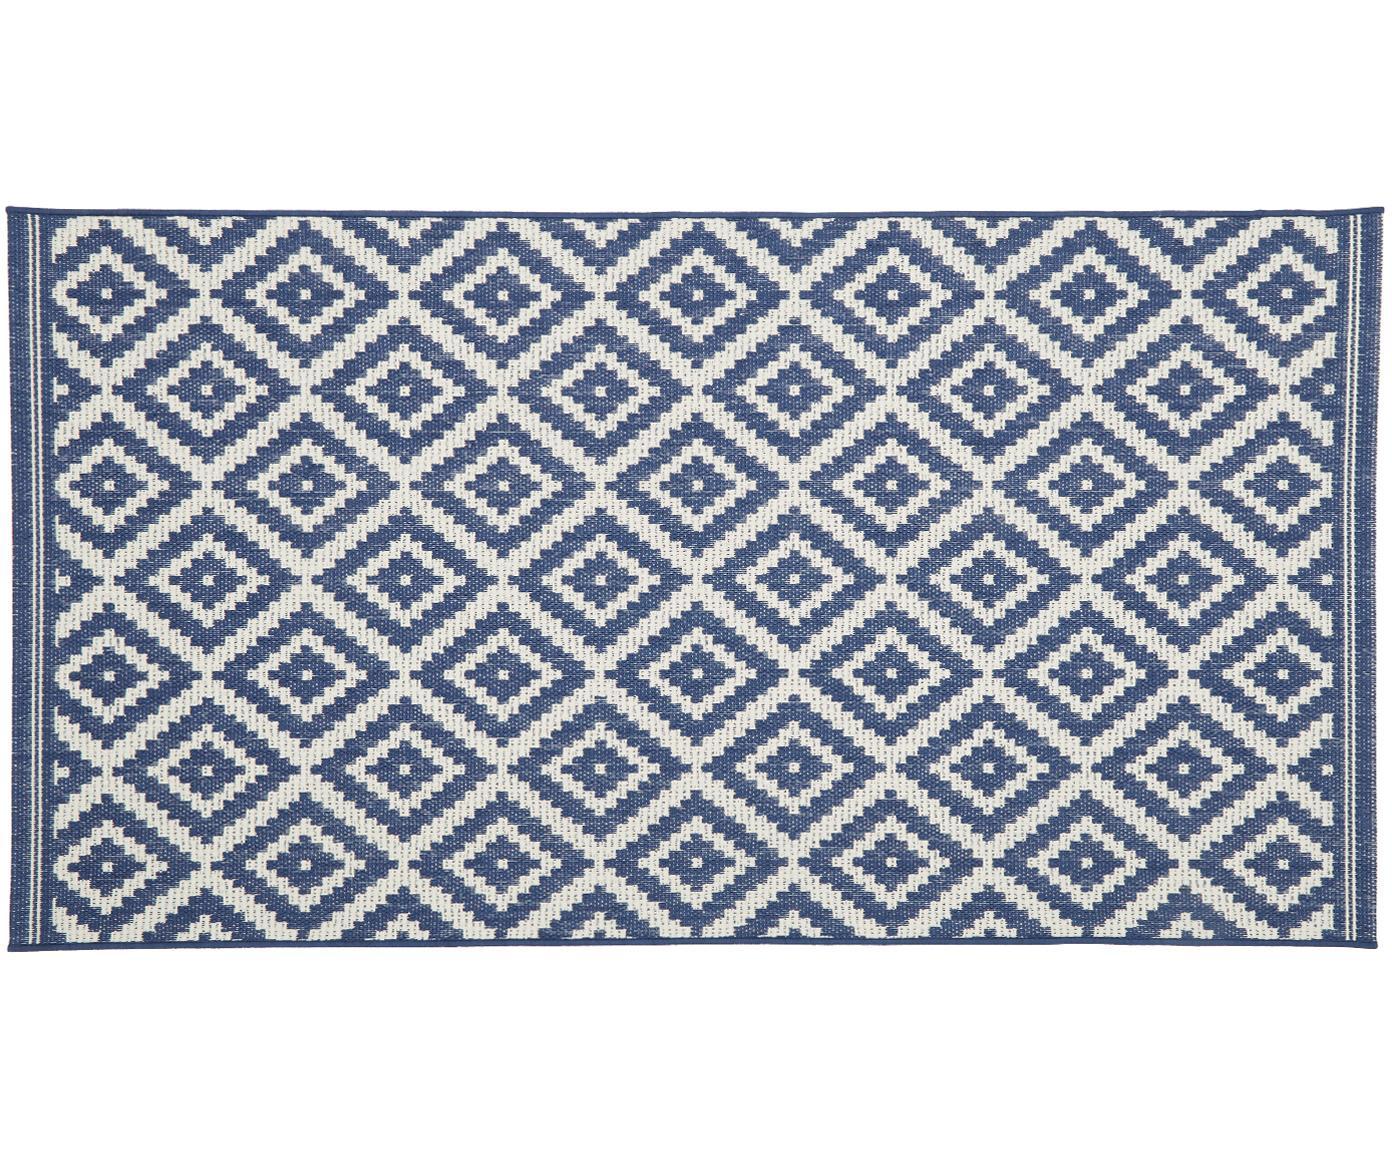 Gemusterter In- & Outdoor-Teppich Miami in Blau/Weiss, Flor: 100% Polypropylen, Cremeweiss, Blau, B 80 x L 150 cm (Grösse XS)